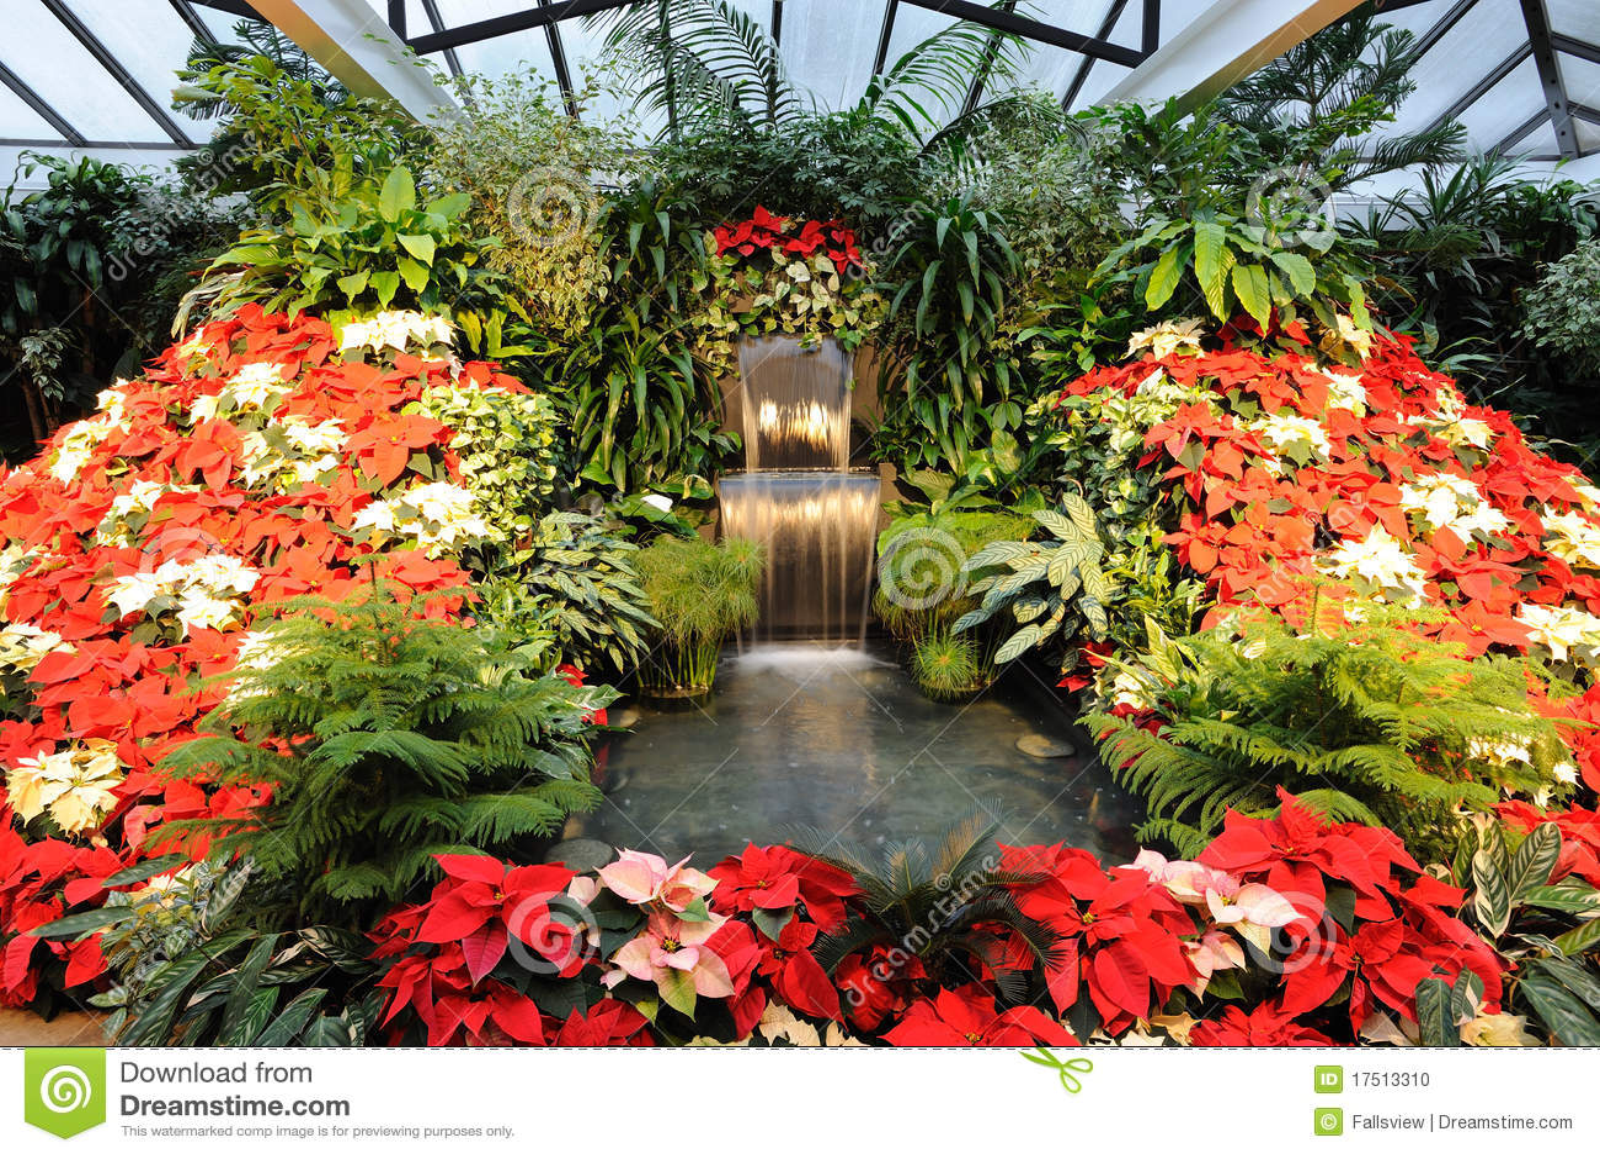 fotos de jardim interno : fotos de jardim interno:Jardim interno